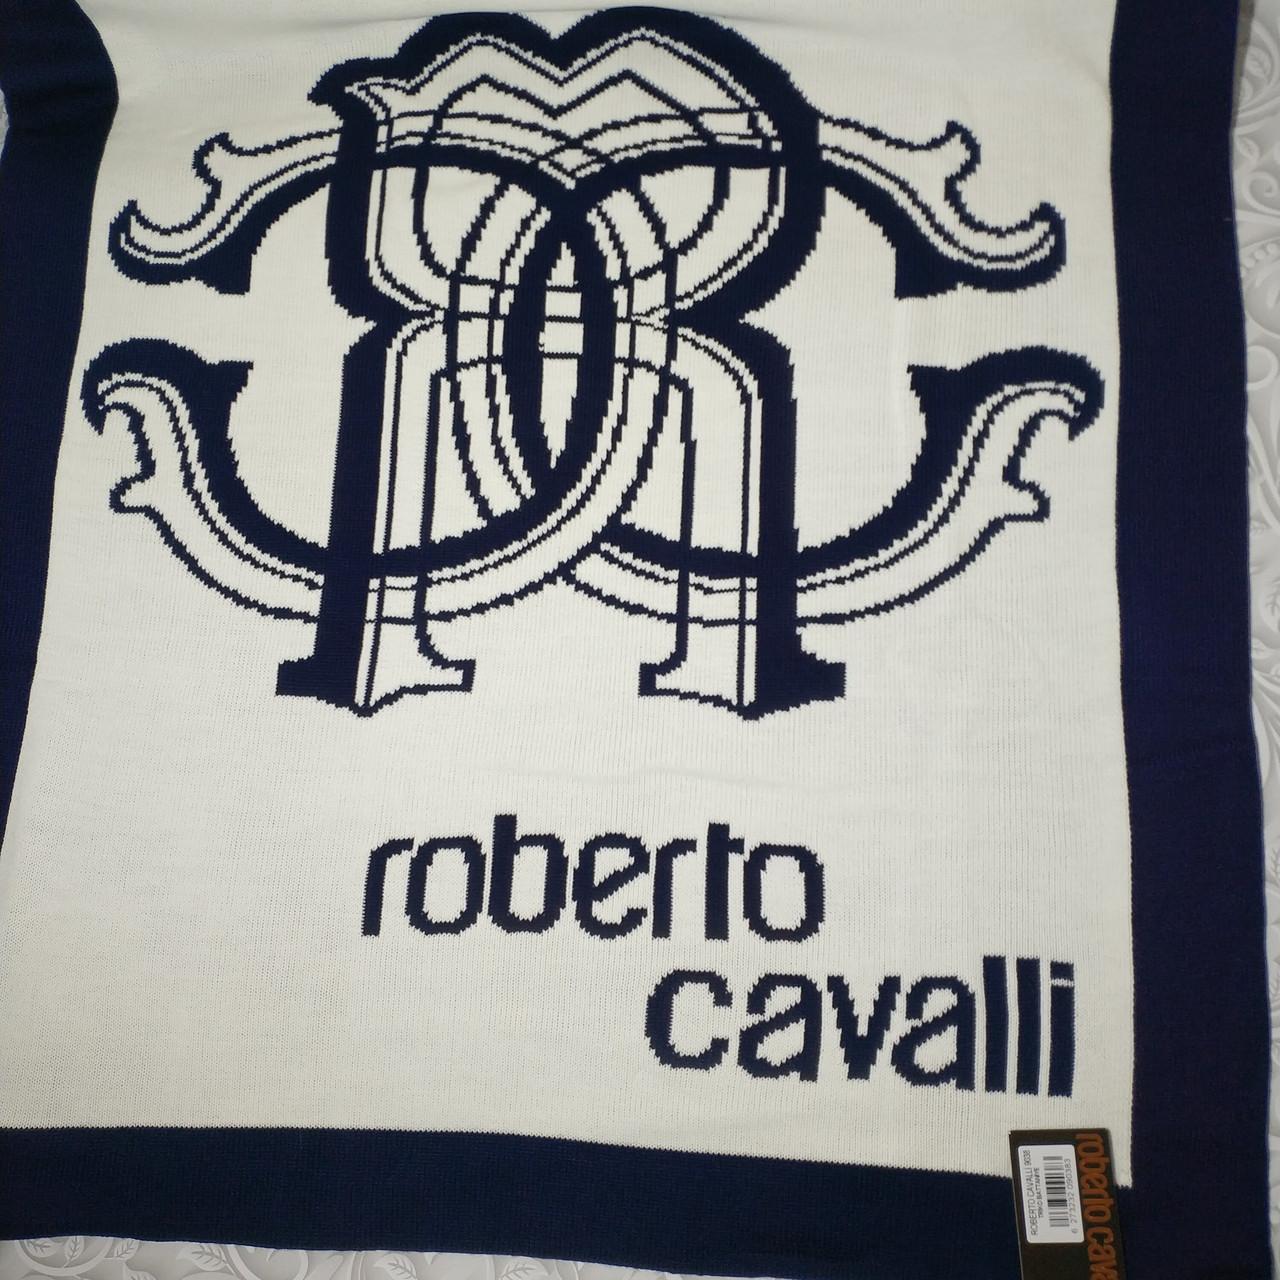 Плед Roberto Cavalli, детское одеяло- в коляску, кроватку, машину